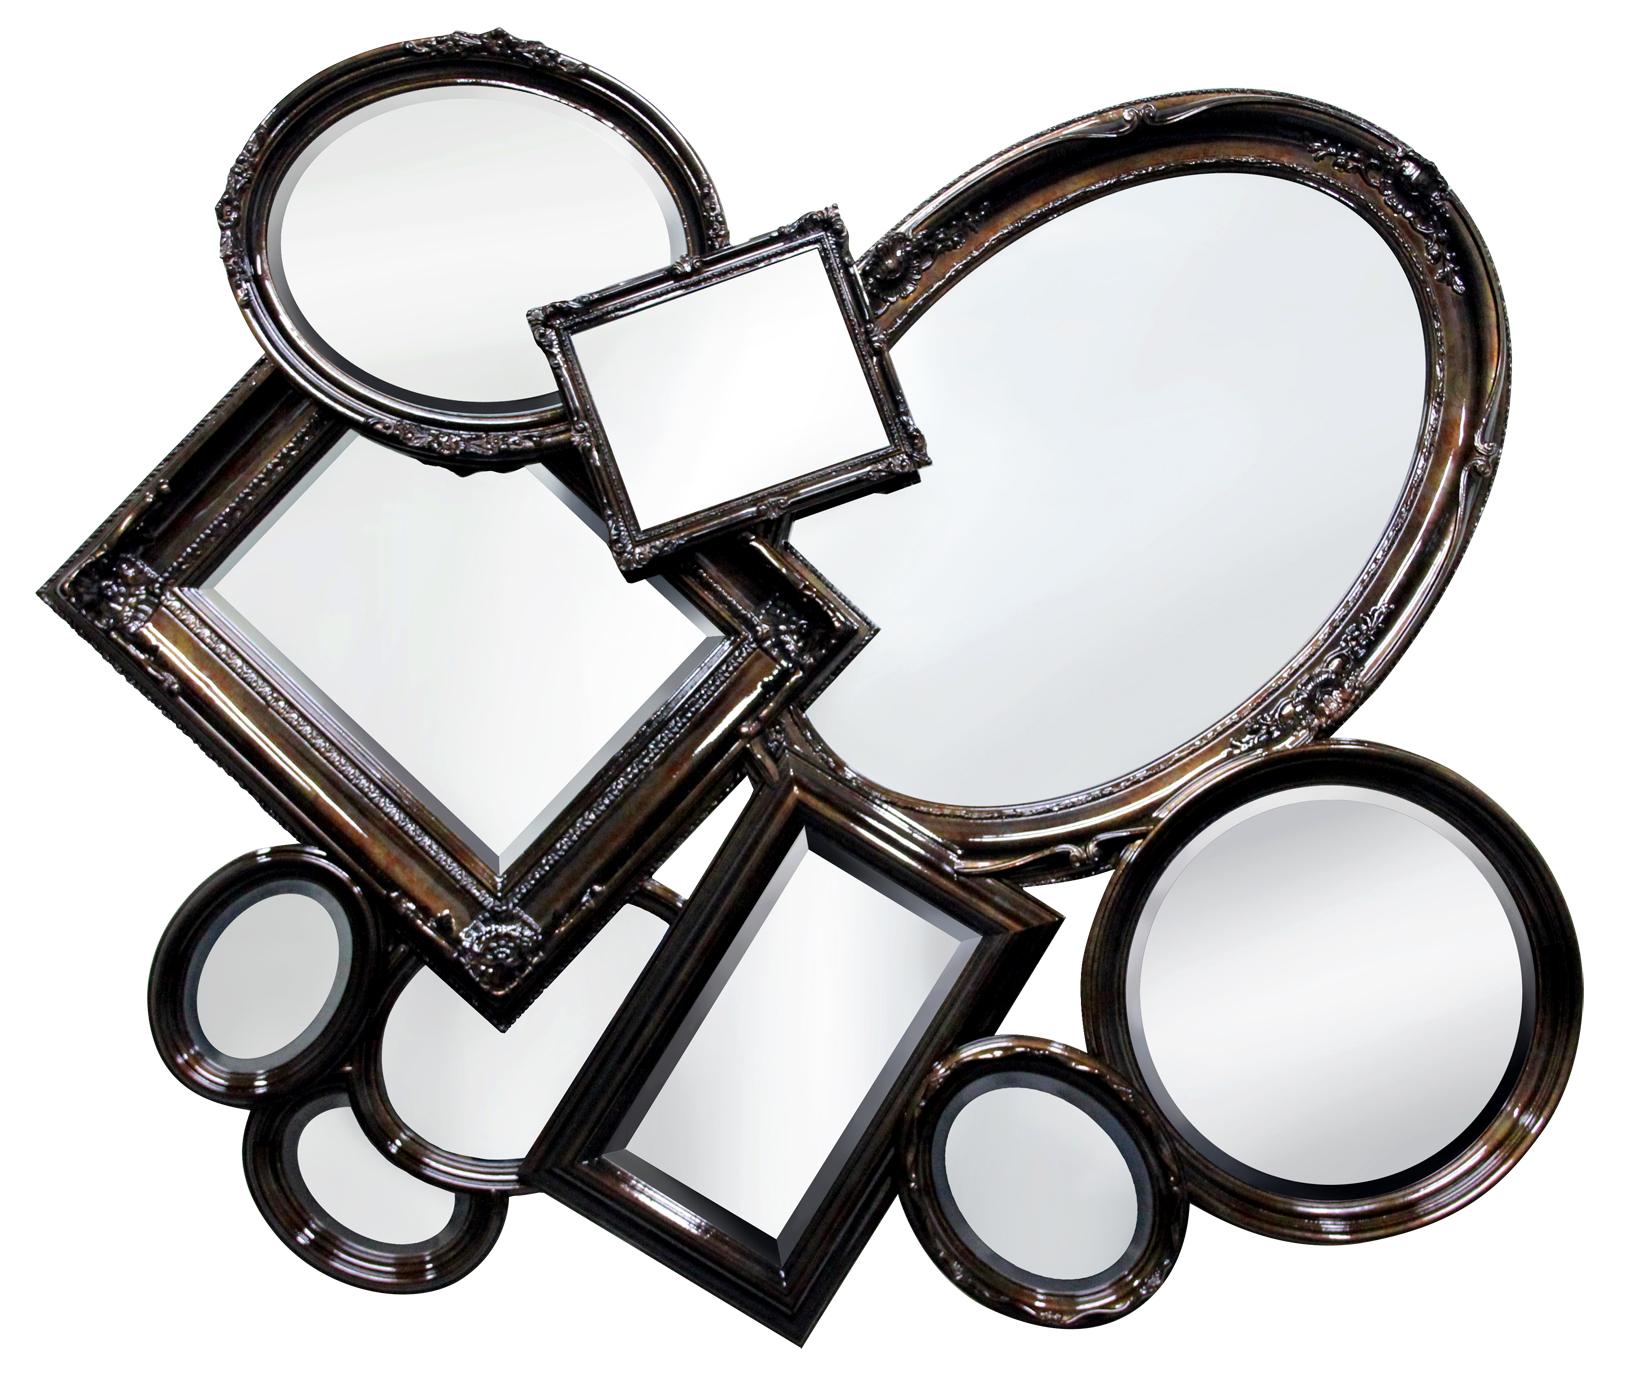 Los mejores espejos de pared para el dormitorioLos mejores espejos de pared para el dormitorio